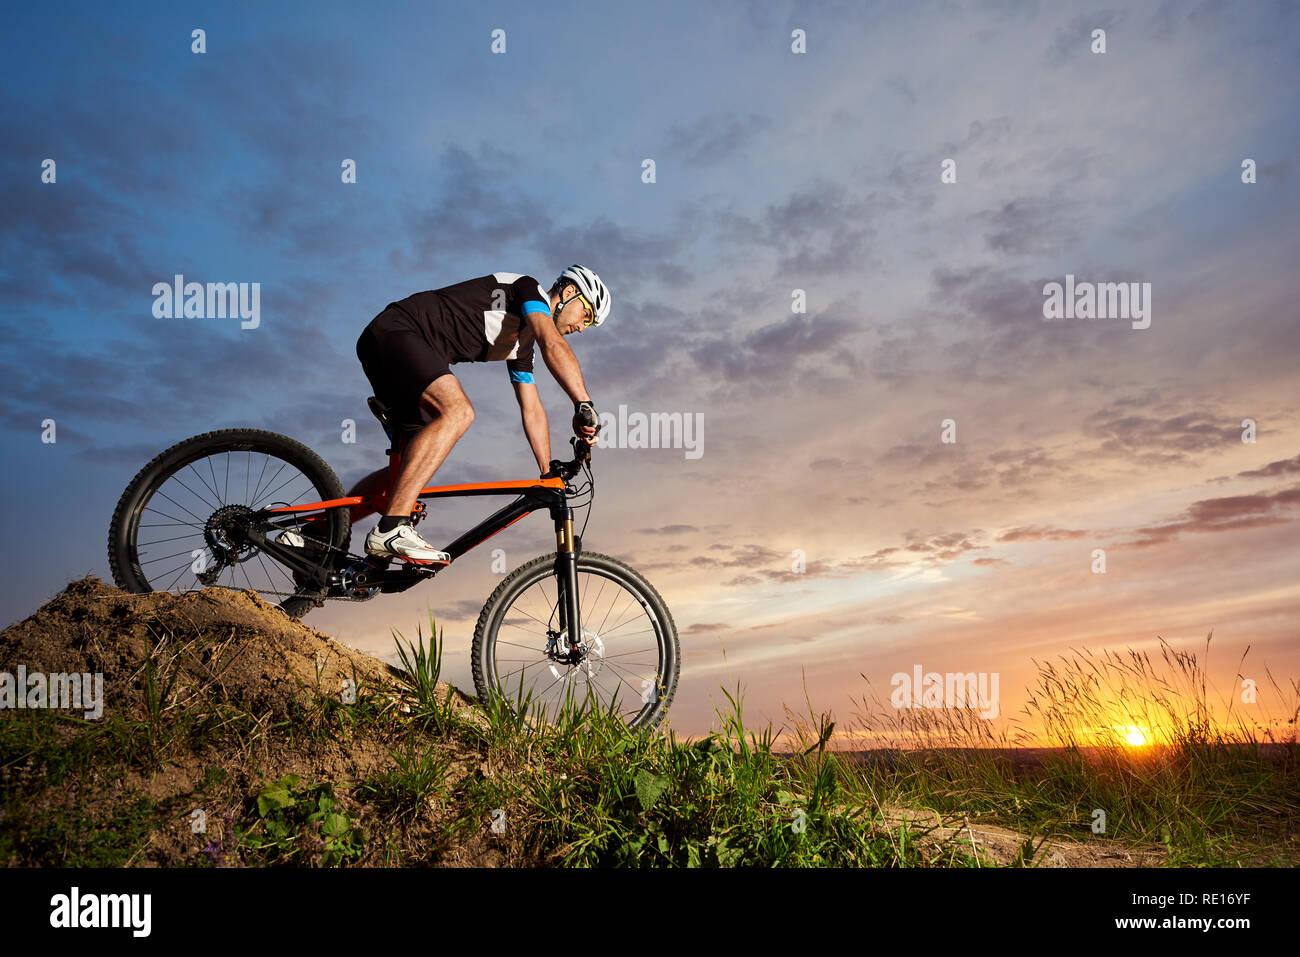 Cycliste actif portant des casques de sport et d'équitation, location de matériel roulant seul et en bas de la colline. L'homme robuste et sportive cyclisme contre beau coucher de soleil et rose-bleu fond de ciel. Photo Stock